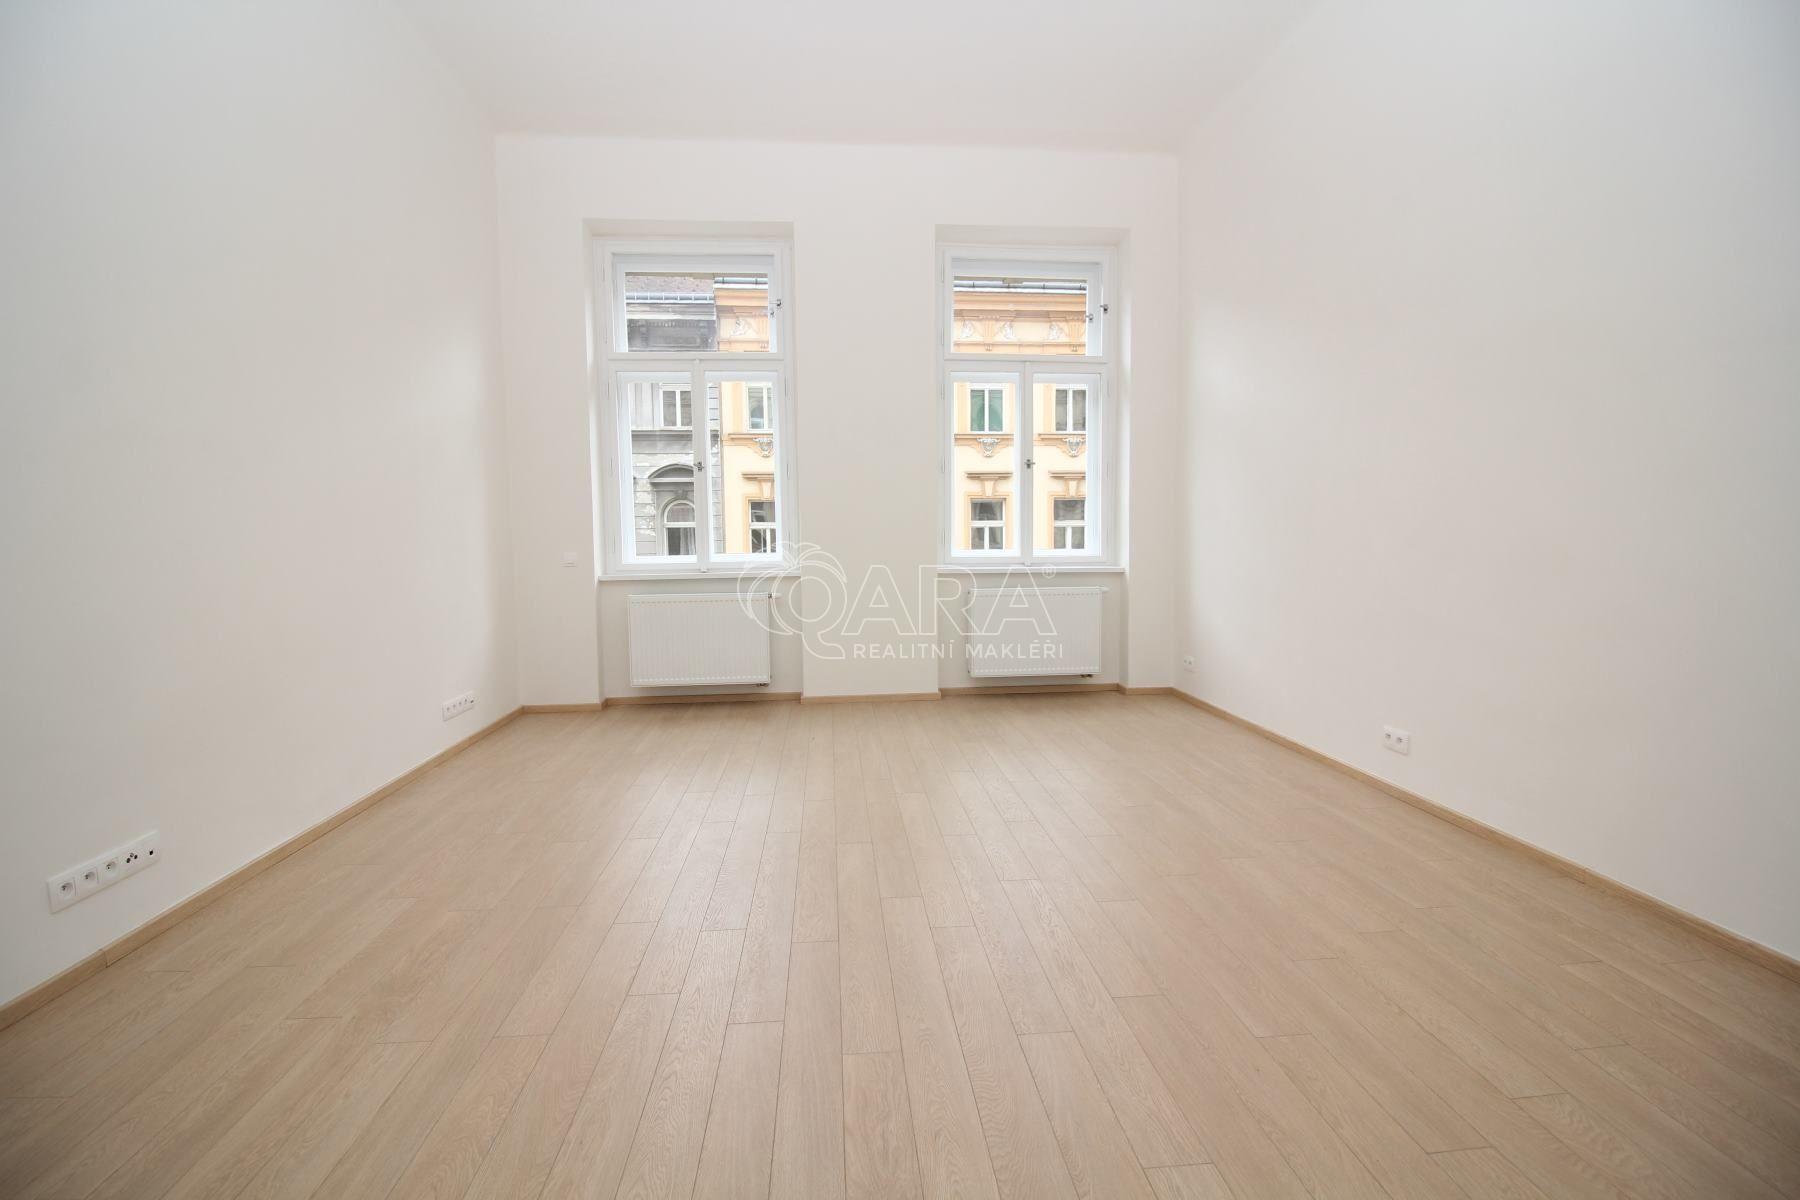 Pronájem bytu 1+1, 49 m2, balkon, Praha 5 - Smíchov, ulice Lidická